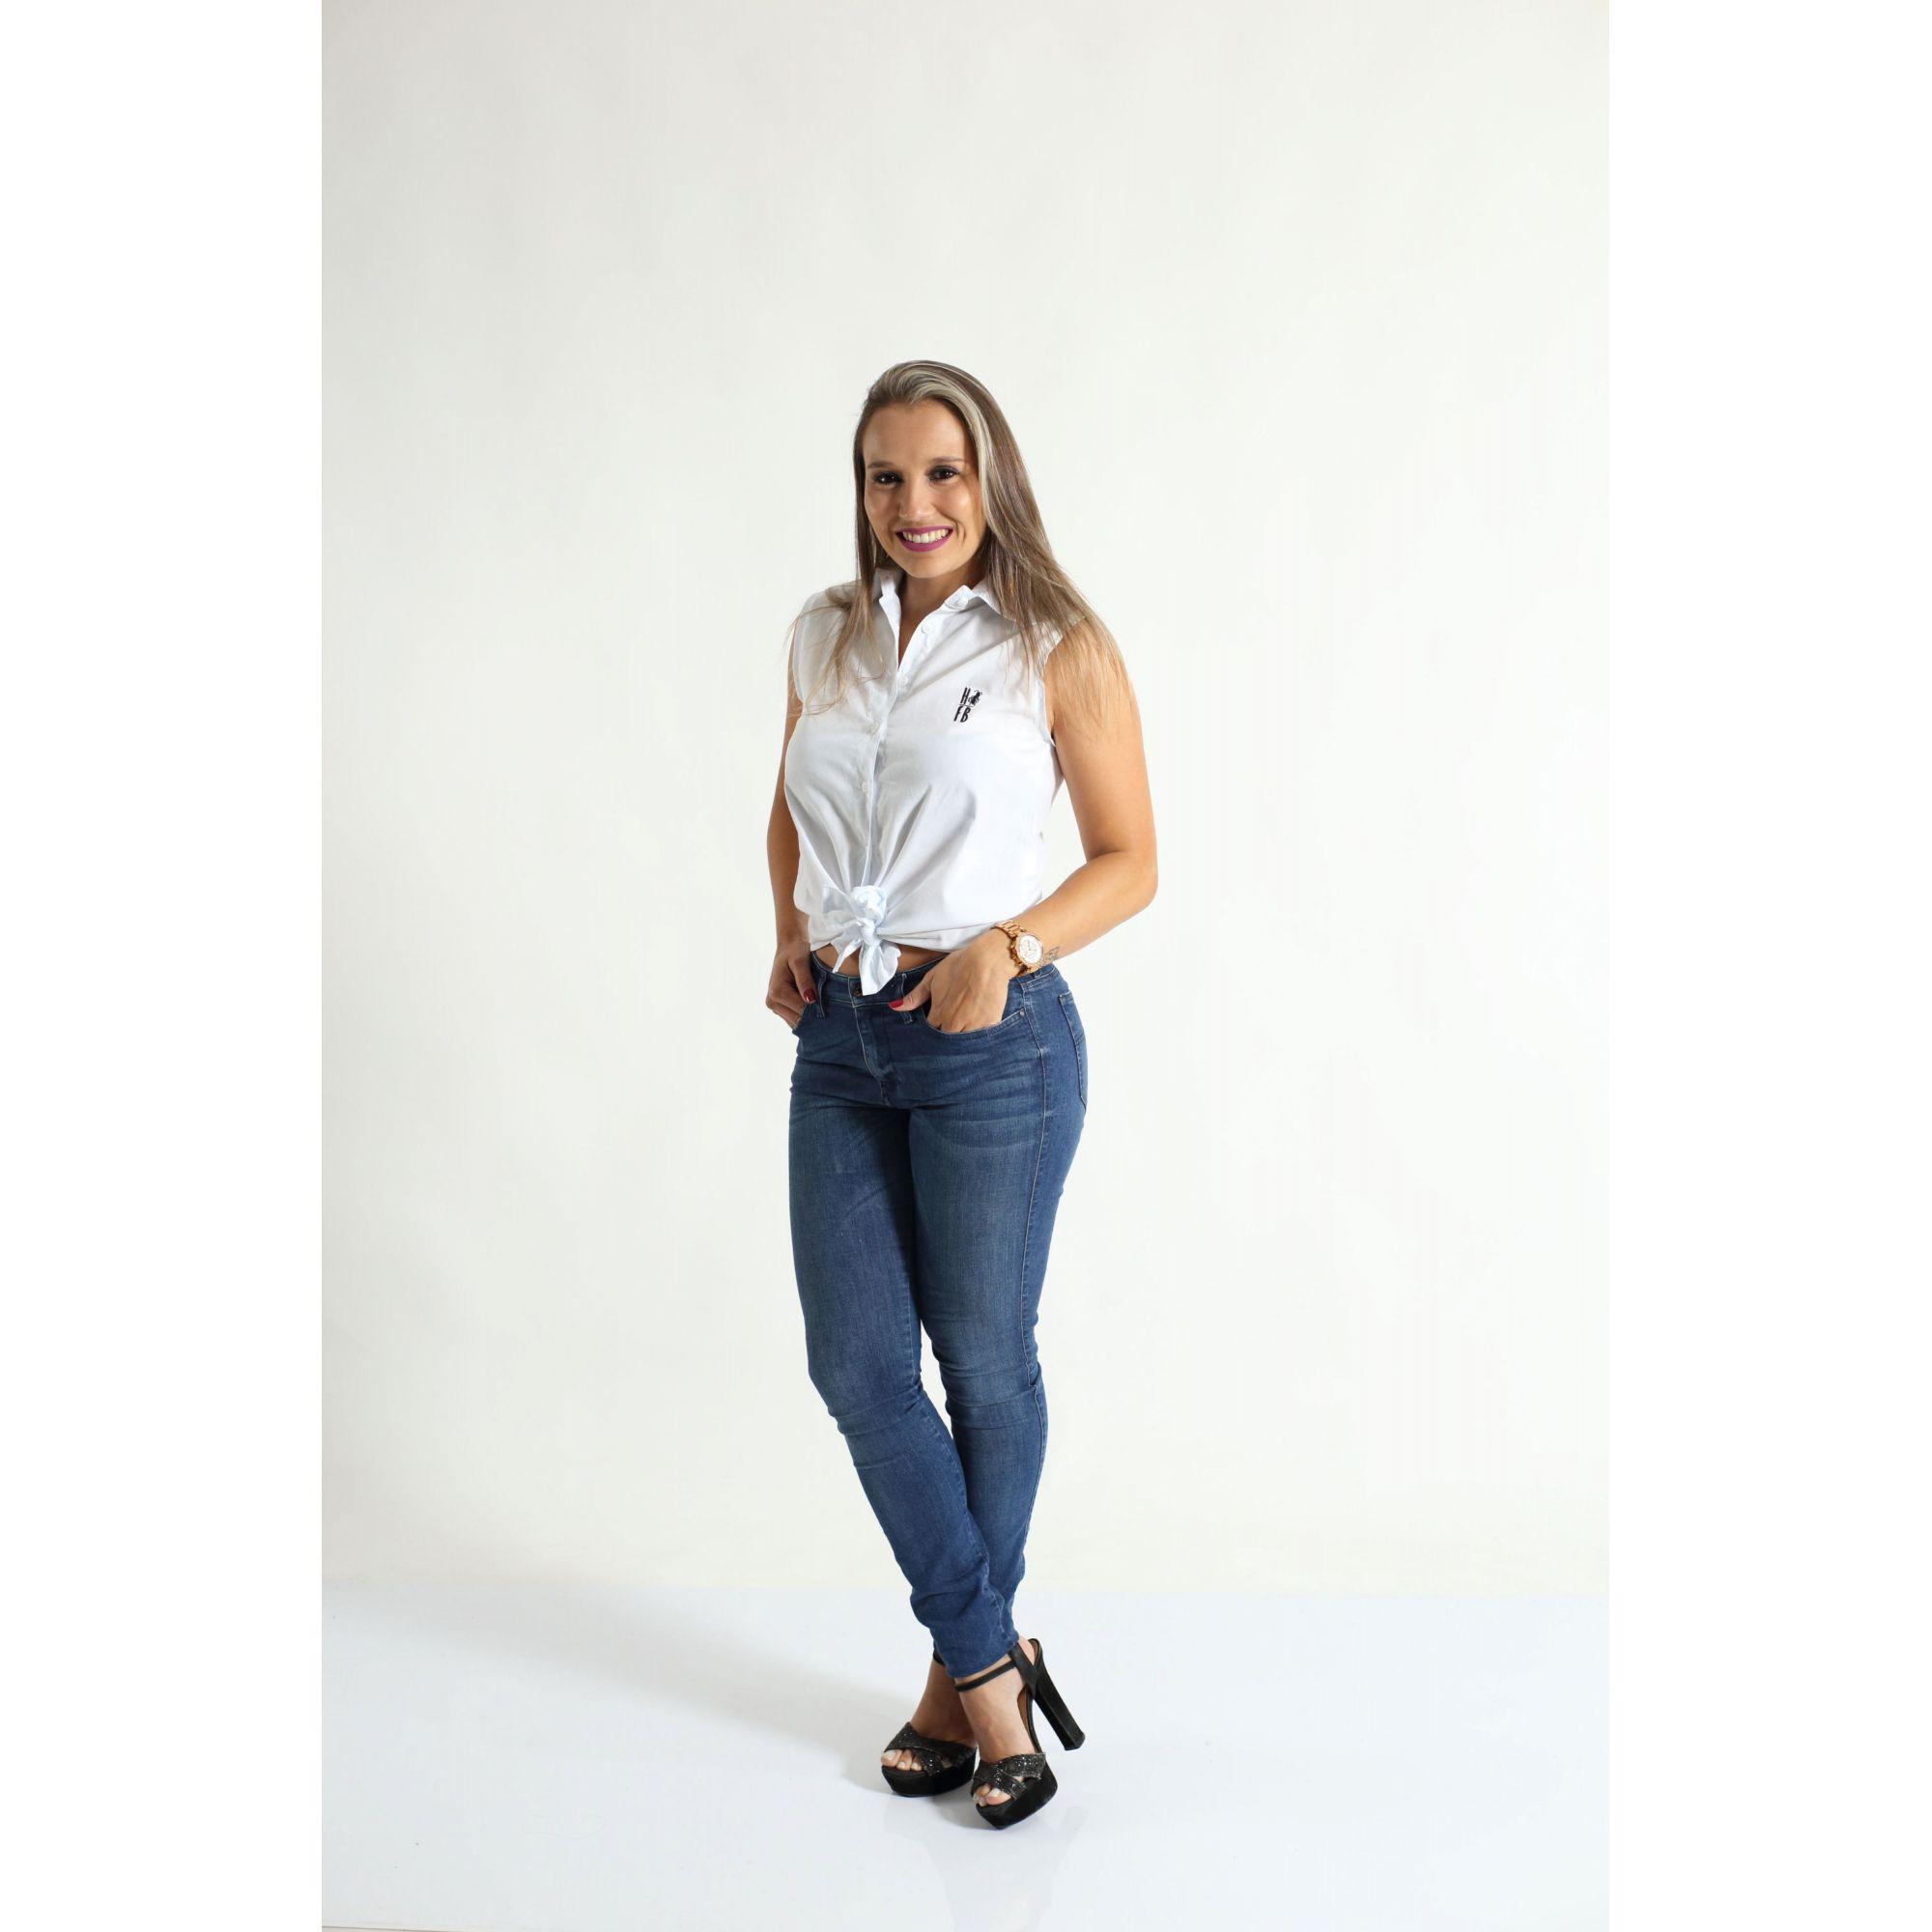 Camisa Social Sem Manga Branca Feminina Adulta